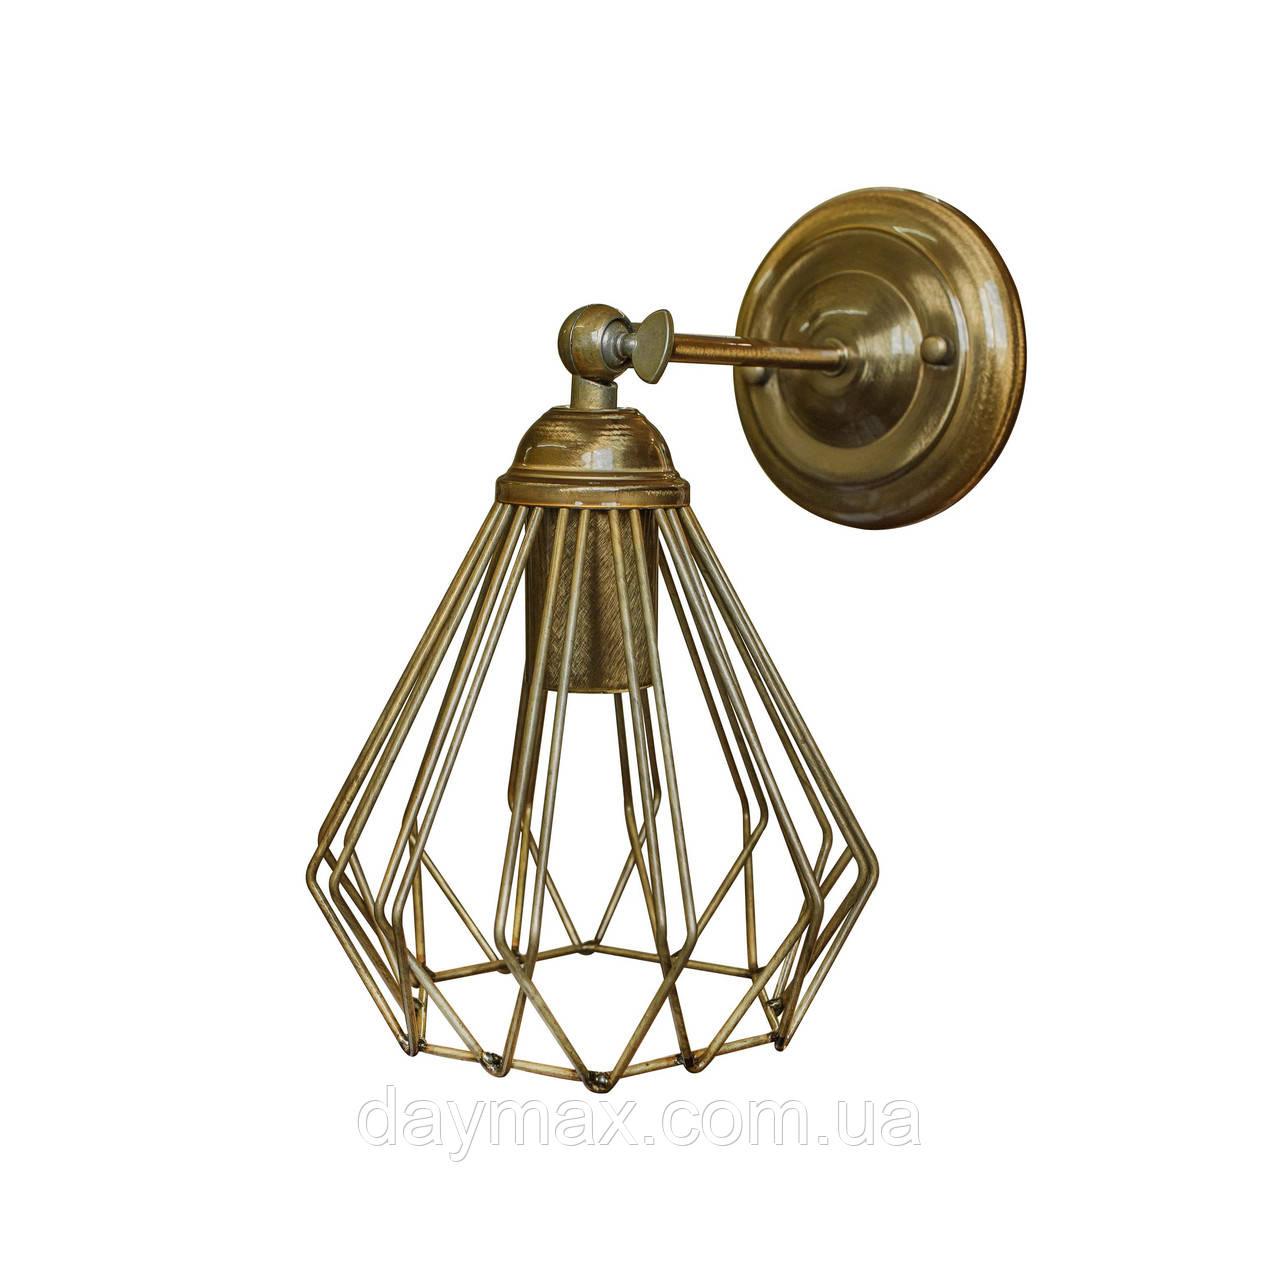 Бра в стиле лофт MSK Electric NL 05371-1 BN  бронза